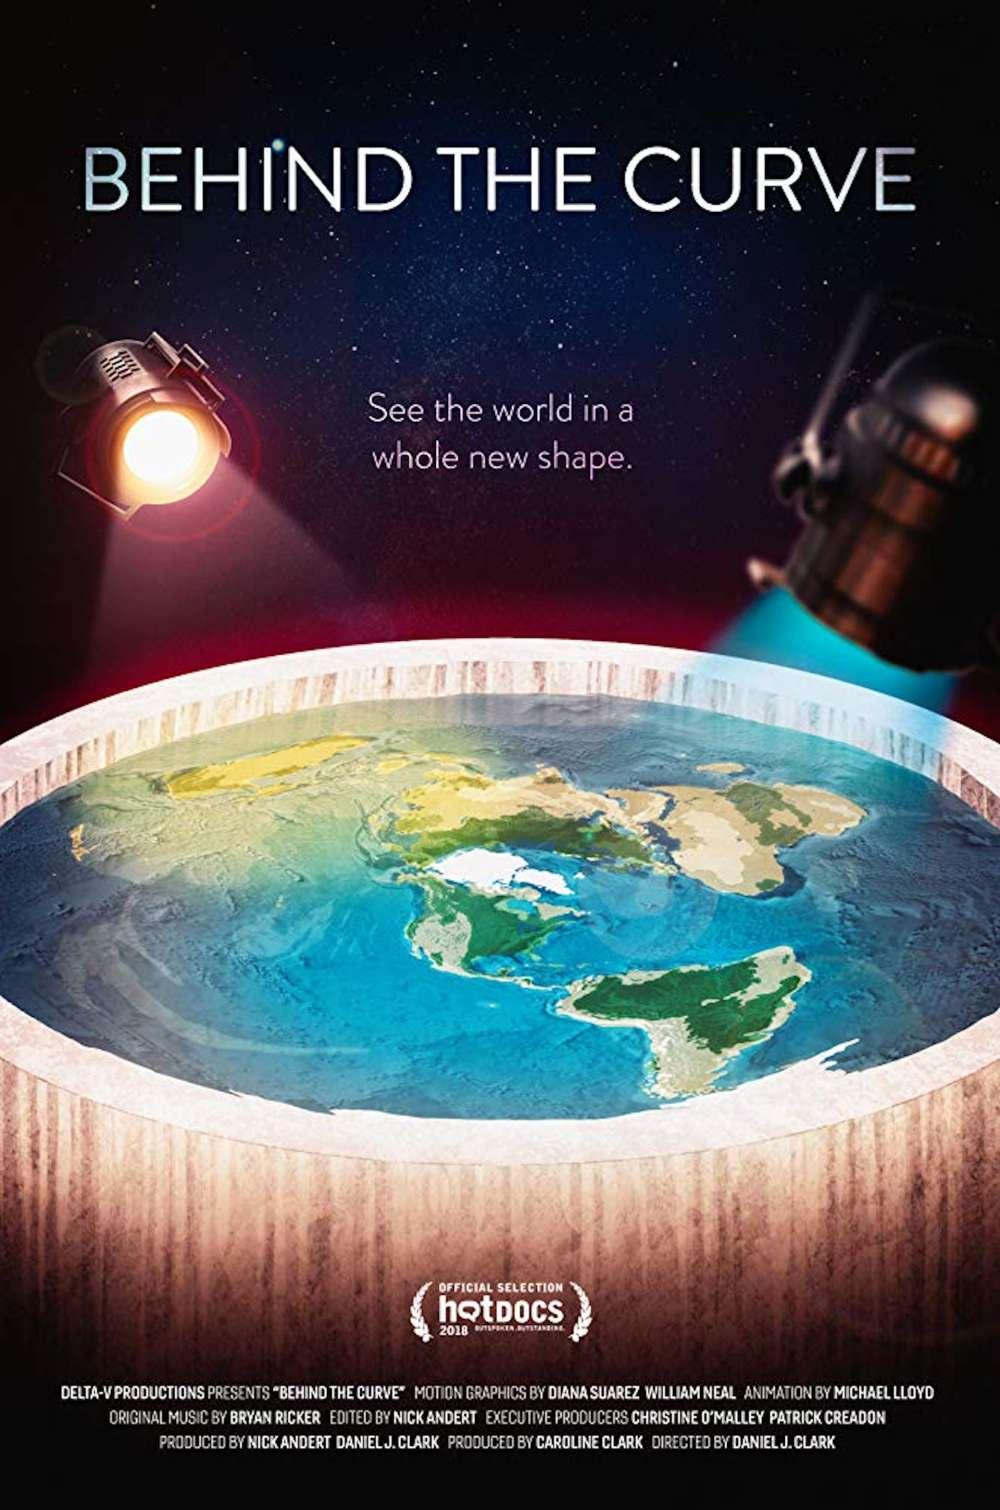 Qui A Découvert Que La Terre Est Ronde : découvert, terre, ronde, Comment, Démontrer, (facilement), Terre, Ronde